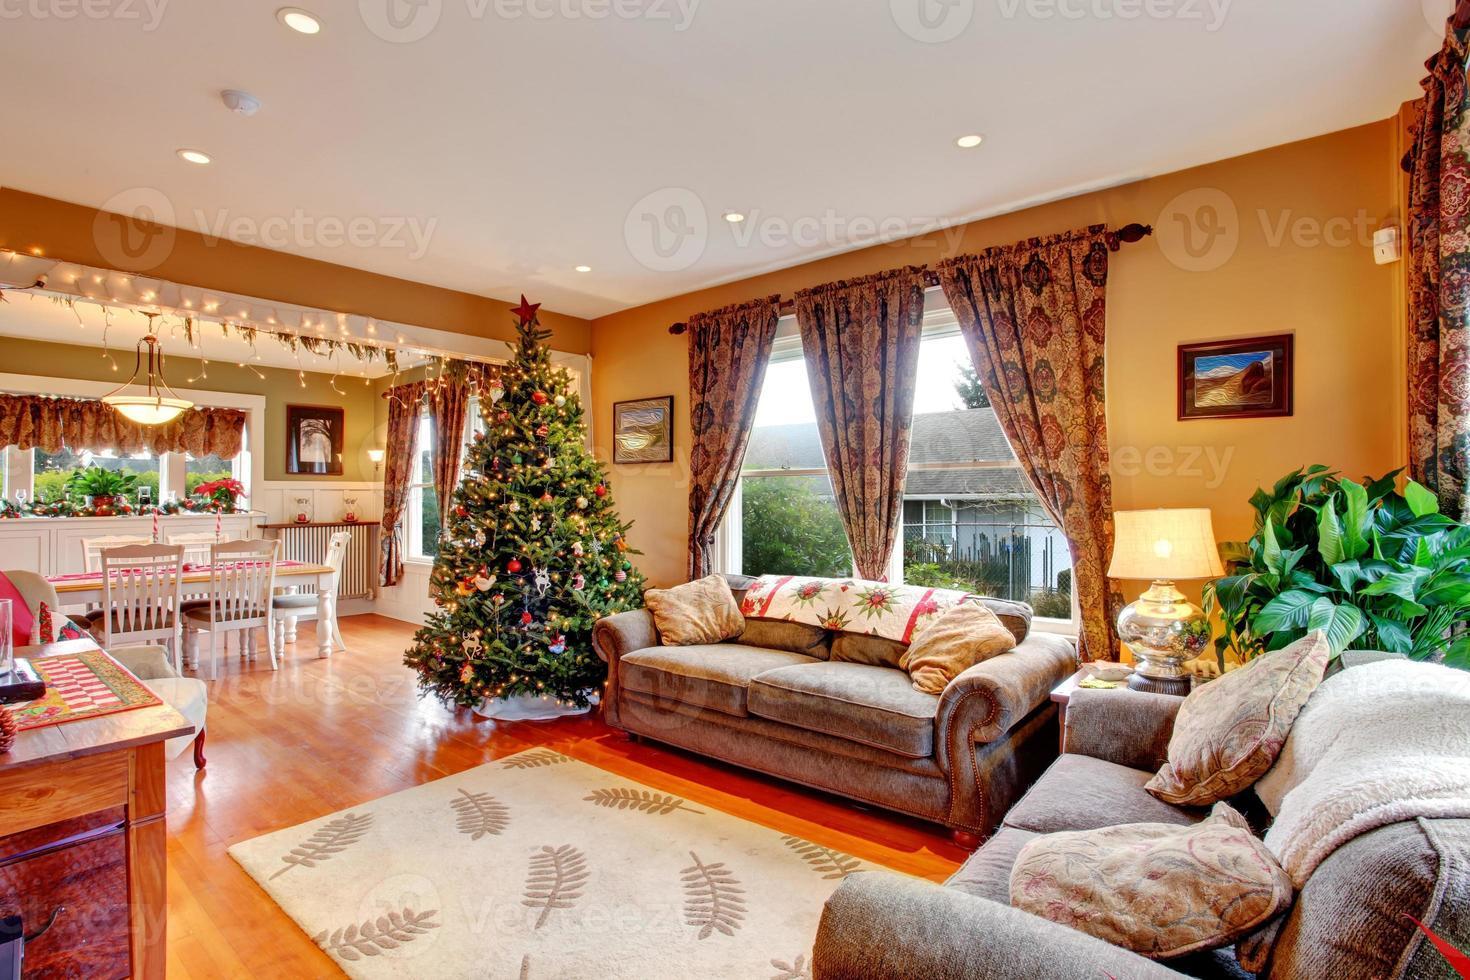 sala de estar na véspera de natal foto